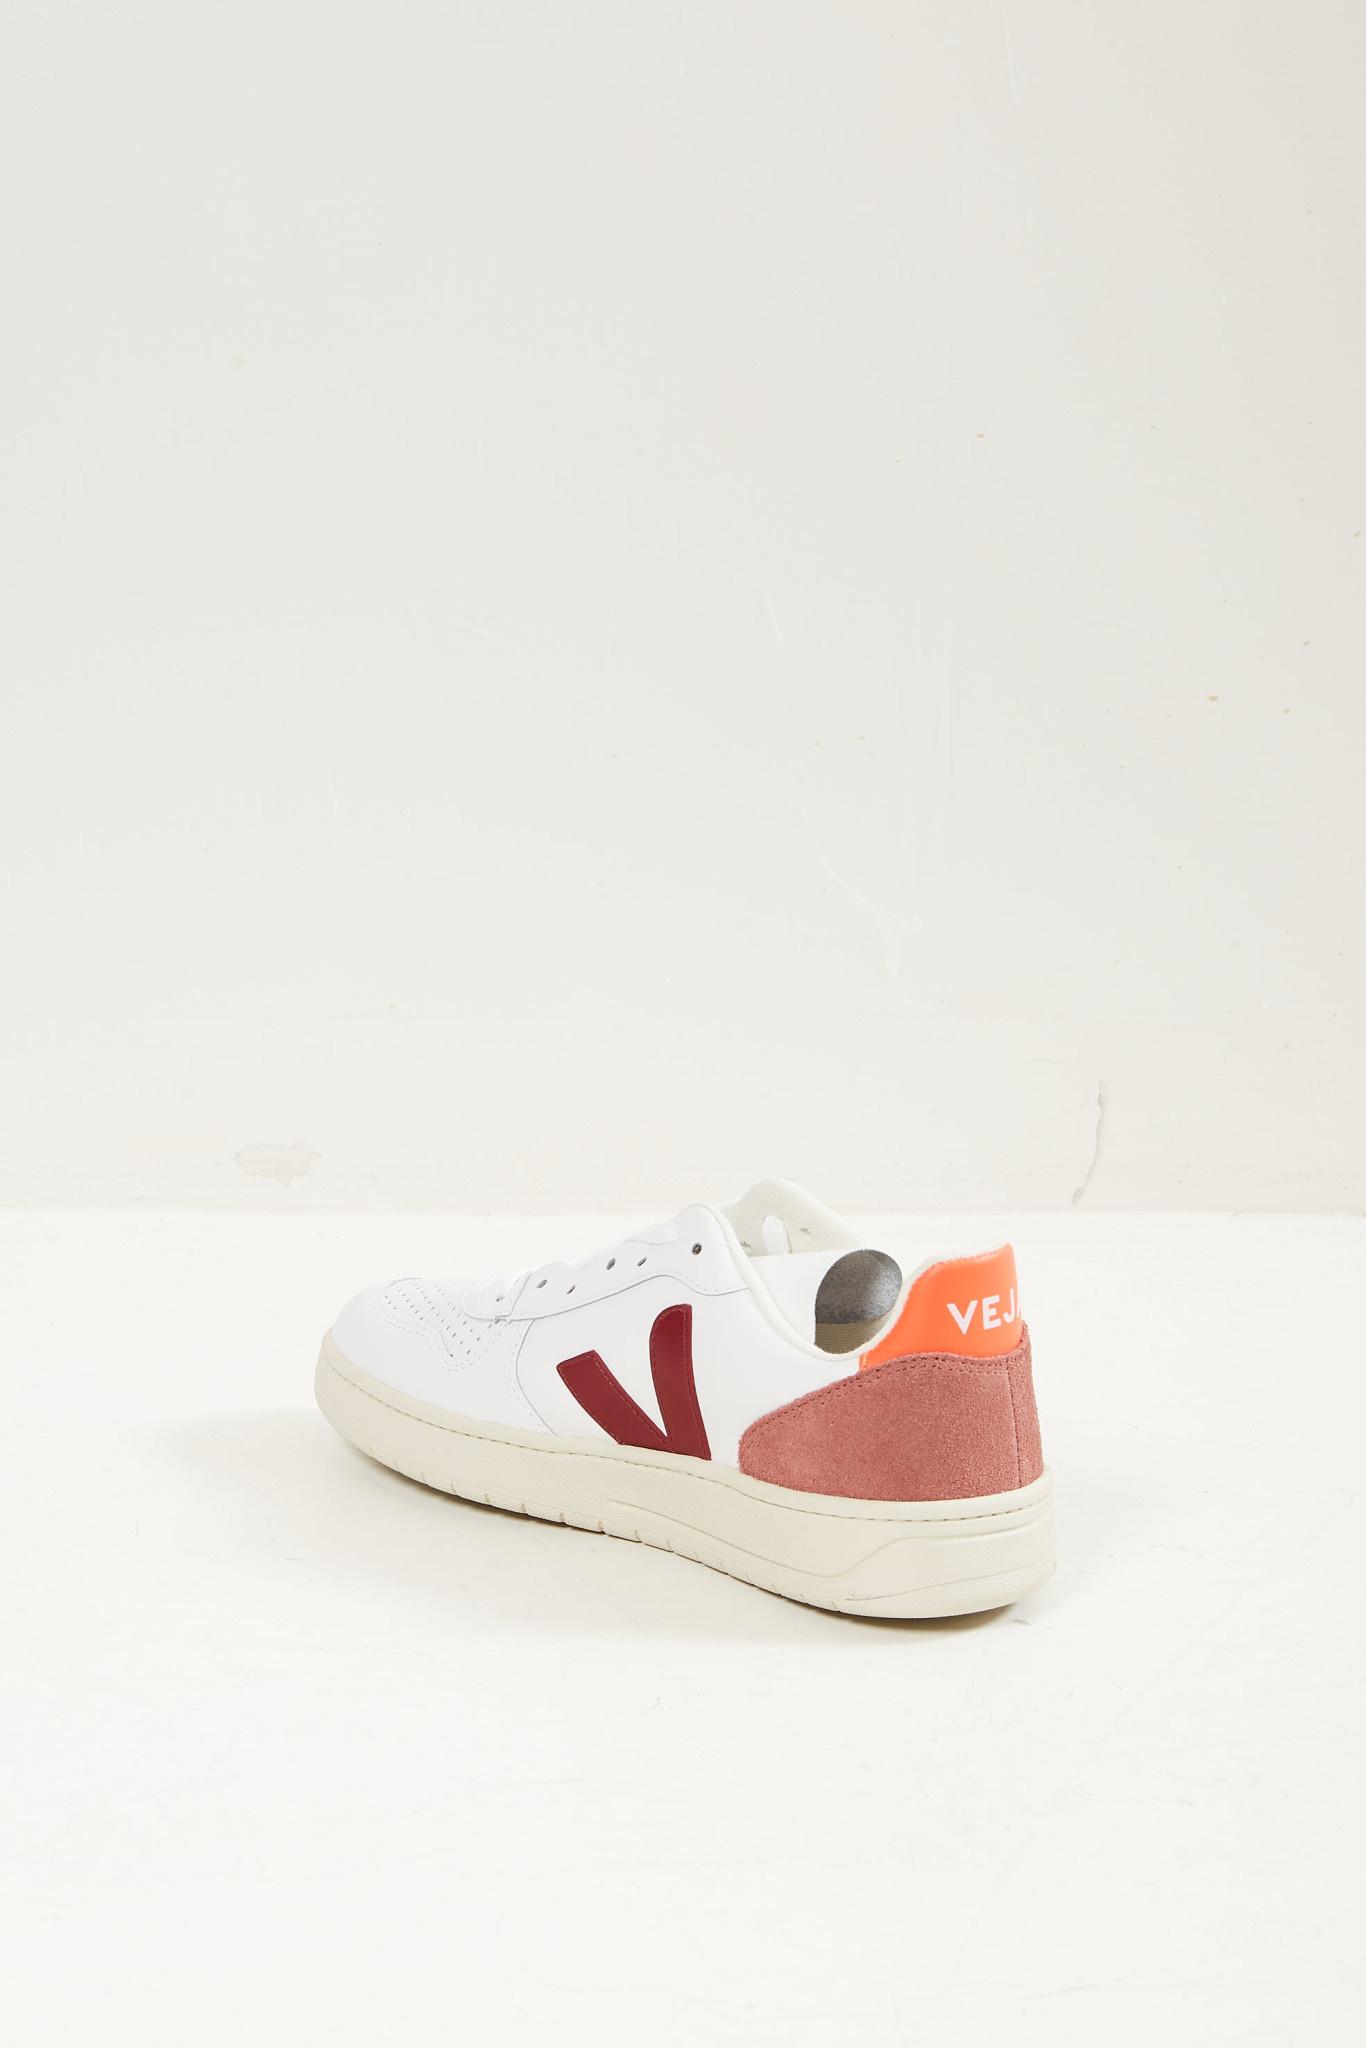 Veja - V10 leather sneakers